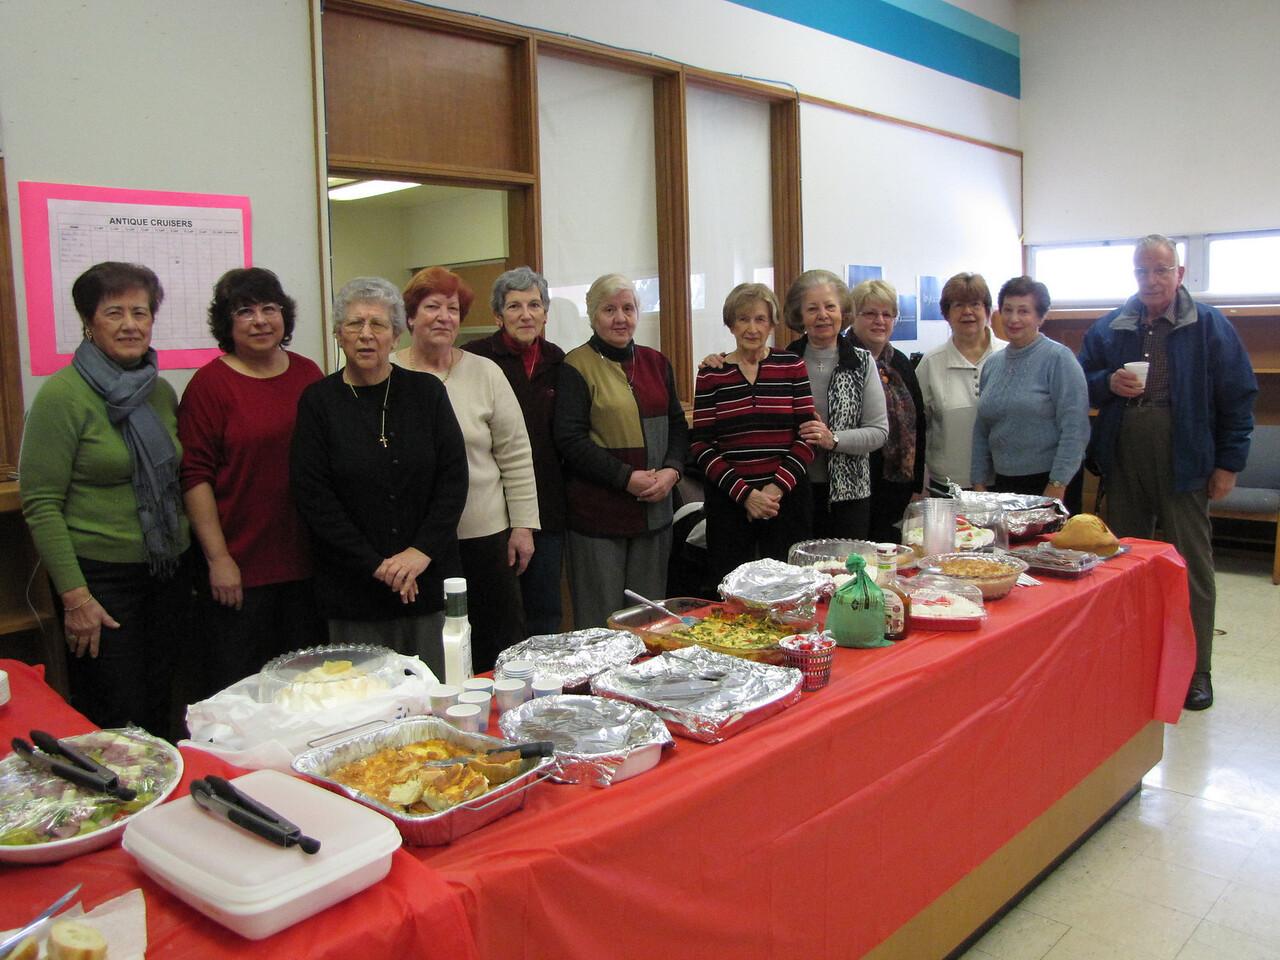 2013-02-14-Seniors-Lunch-February_002